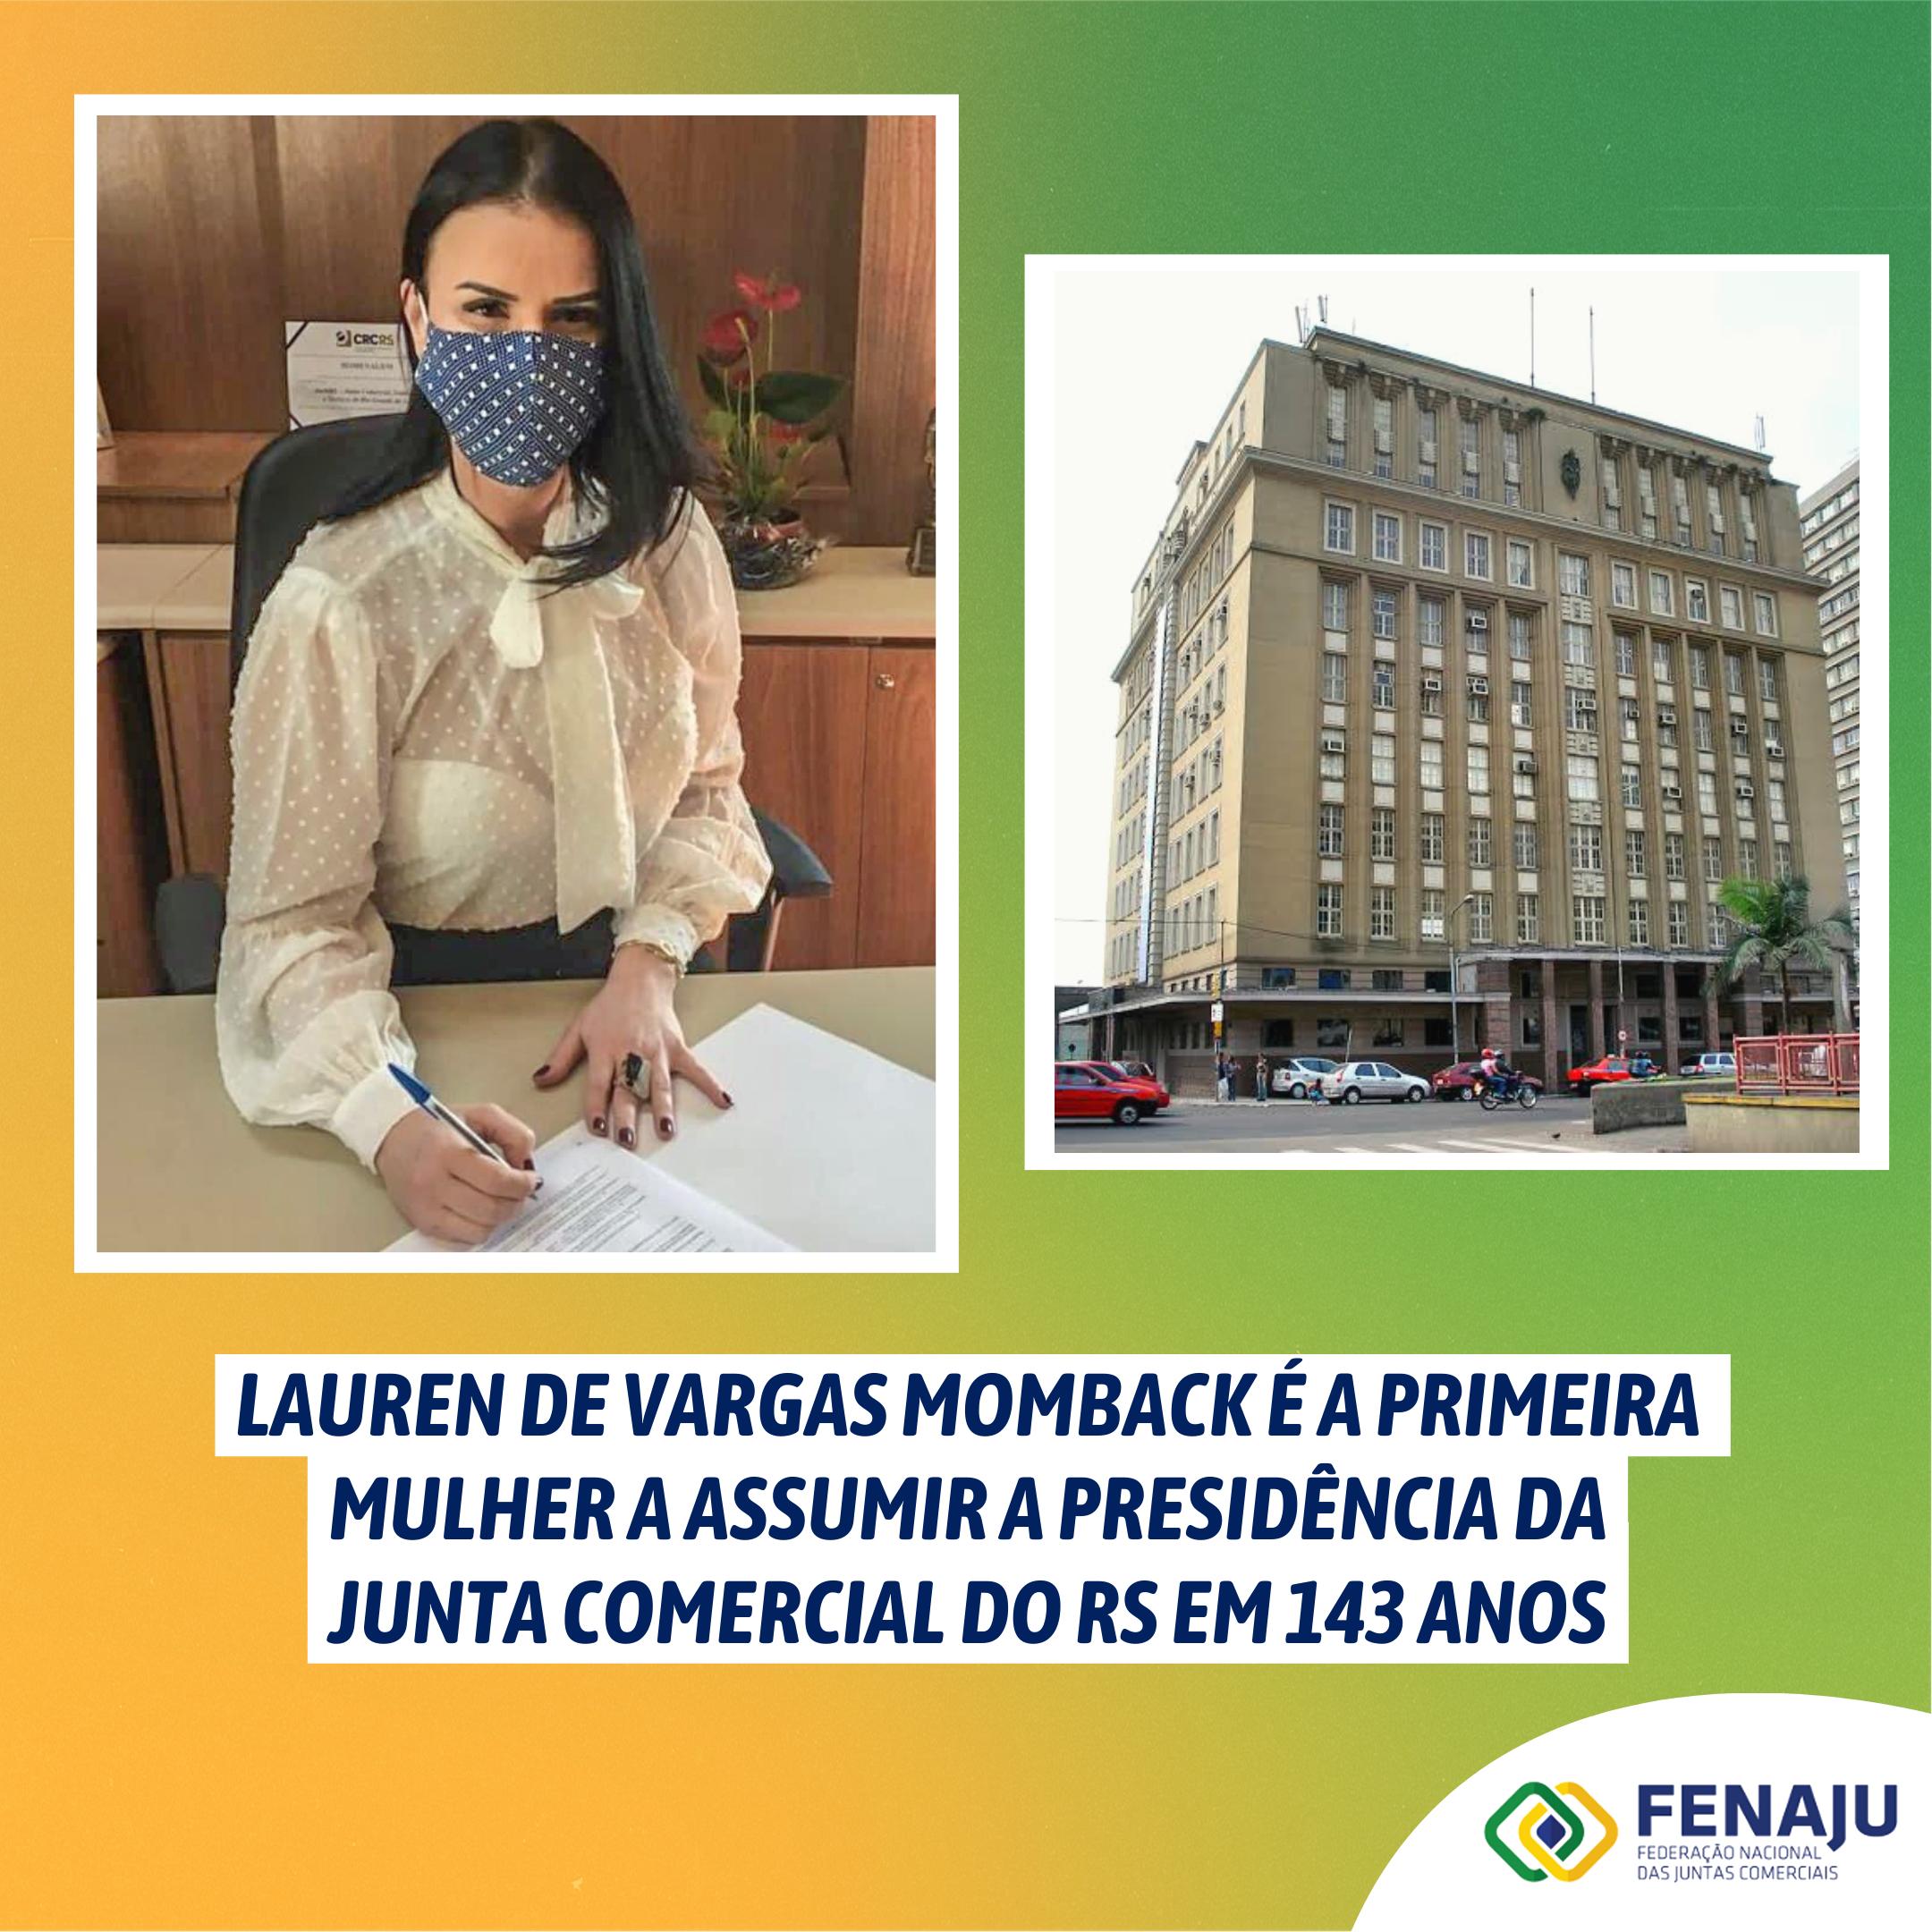 Lauren de Vargas Momback é a primeira mulher a assumir a Presidência da Junta Comercial do RS em 143 anos